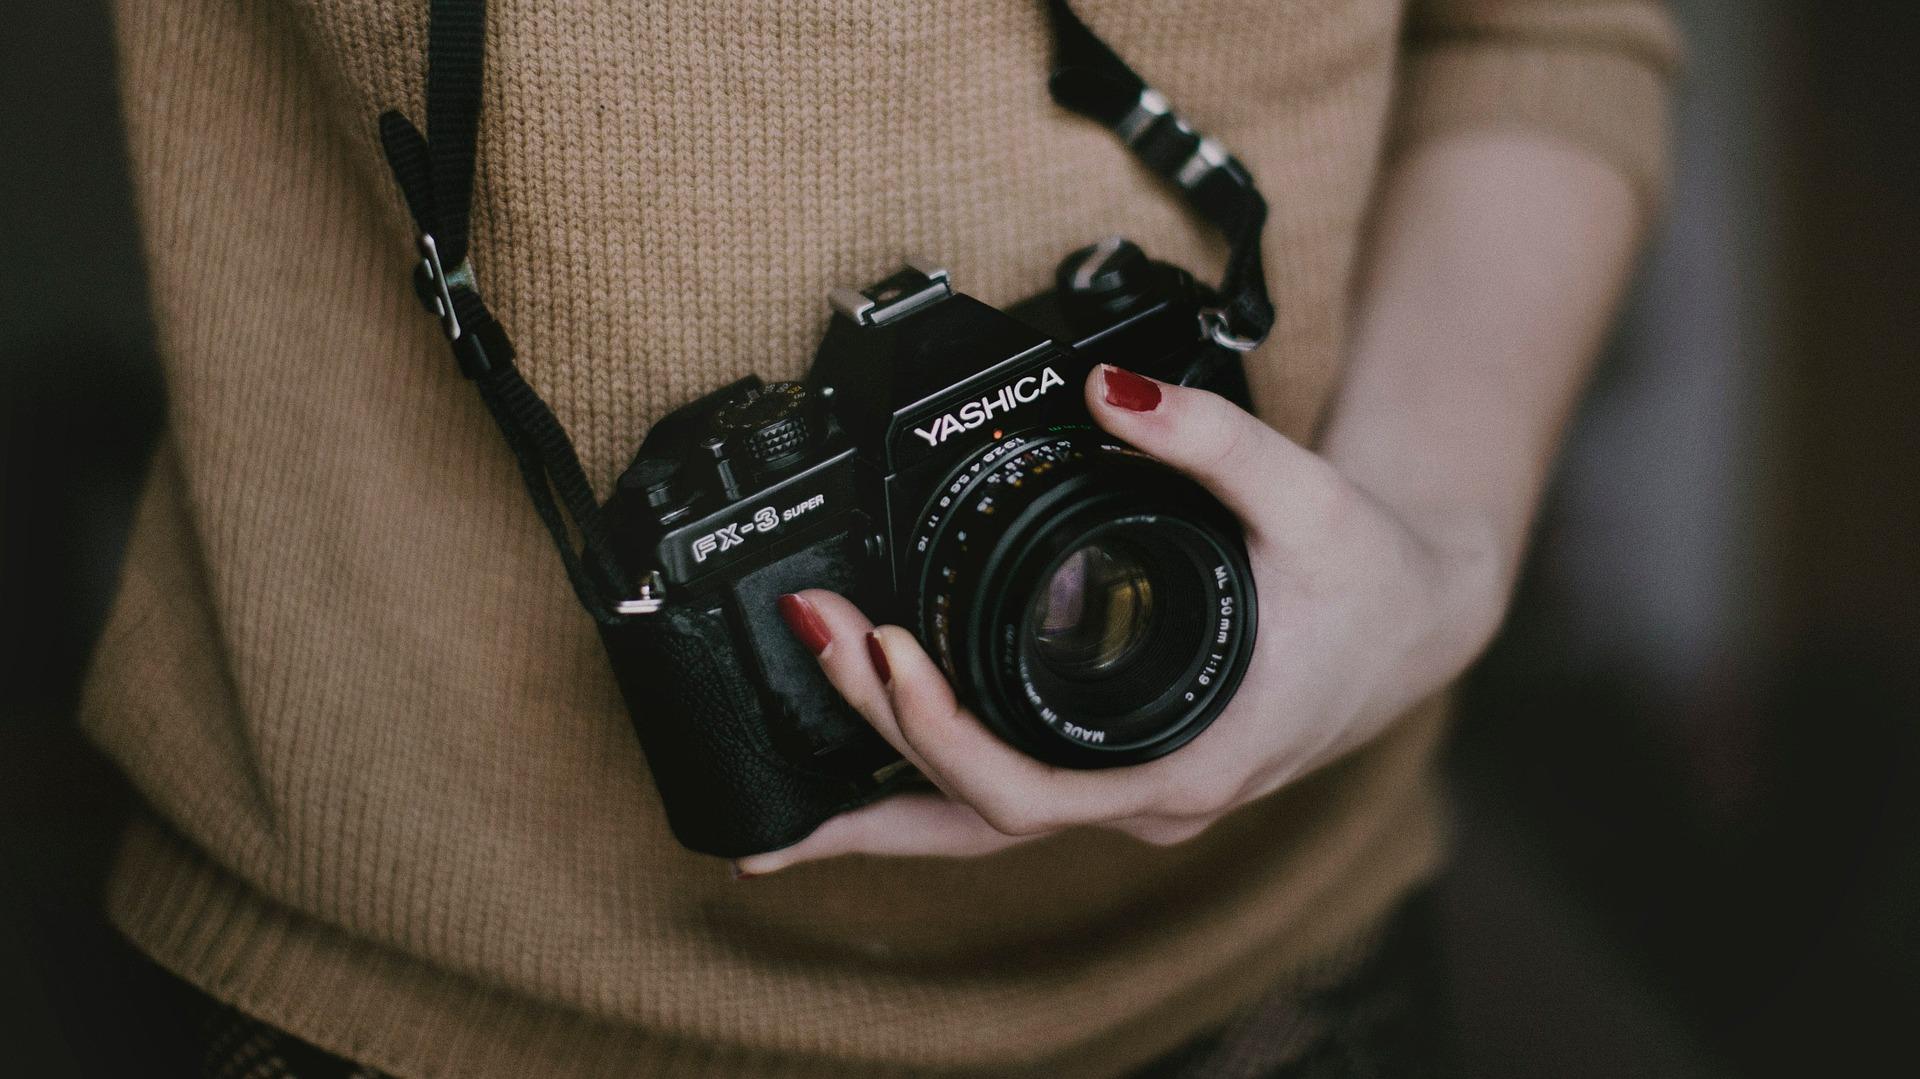 <b>Vychytávky pro fotografy (nejen) na cestách</b>